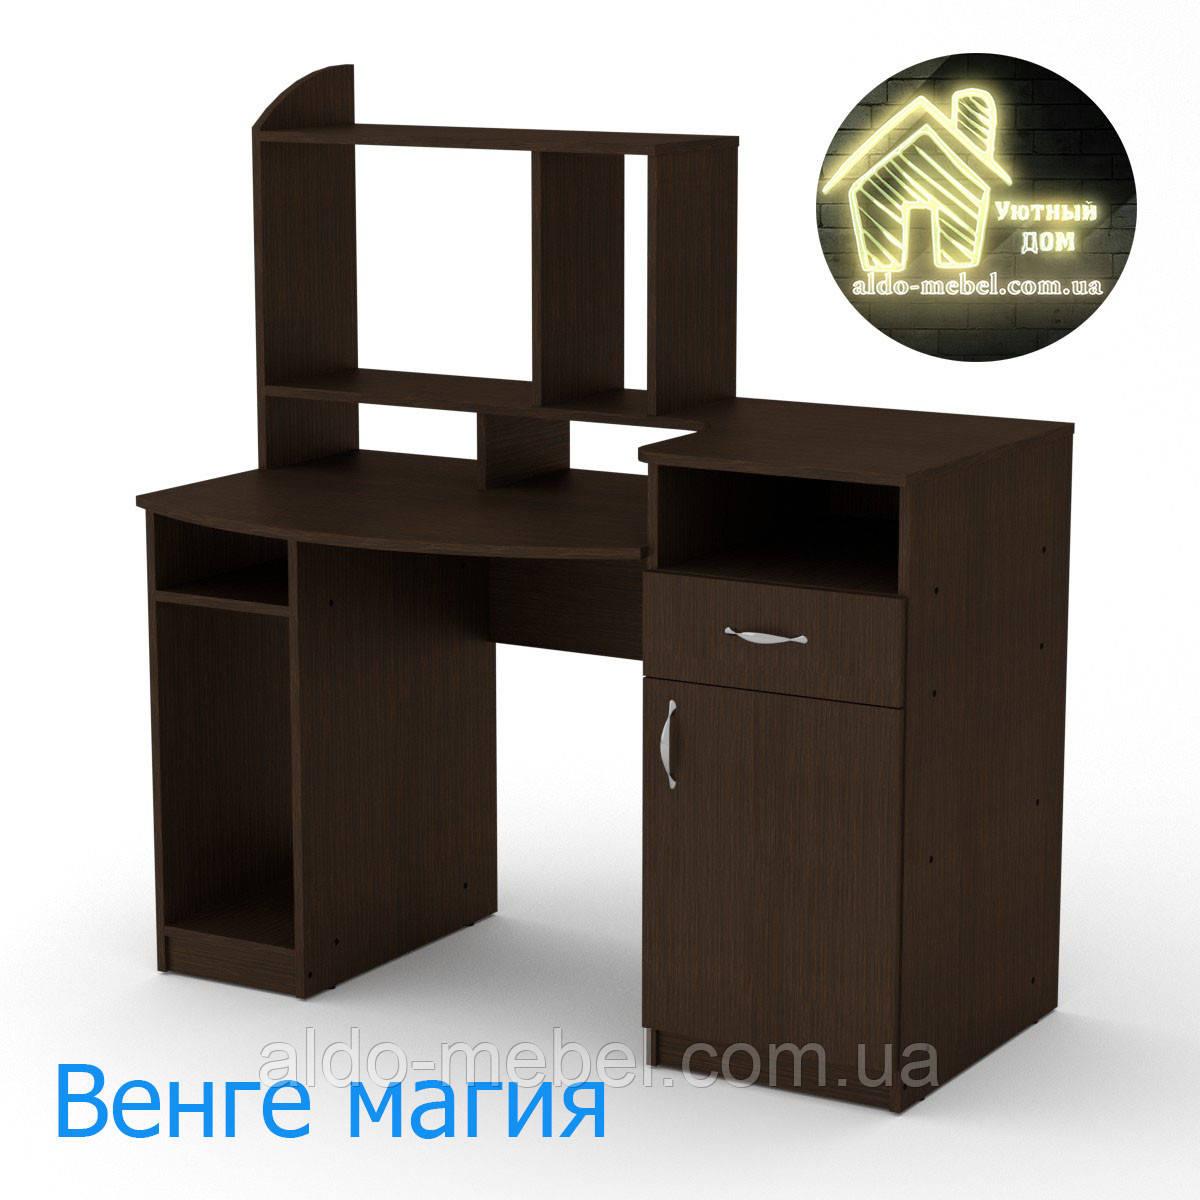 Стол компьютерный Комфорт - 2 Габариты Ш - 1286 мм; В - 756 + 630 мм; Г - 700 мм (Компанит)